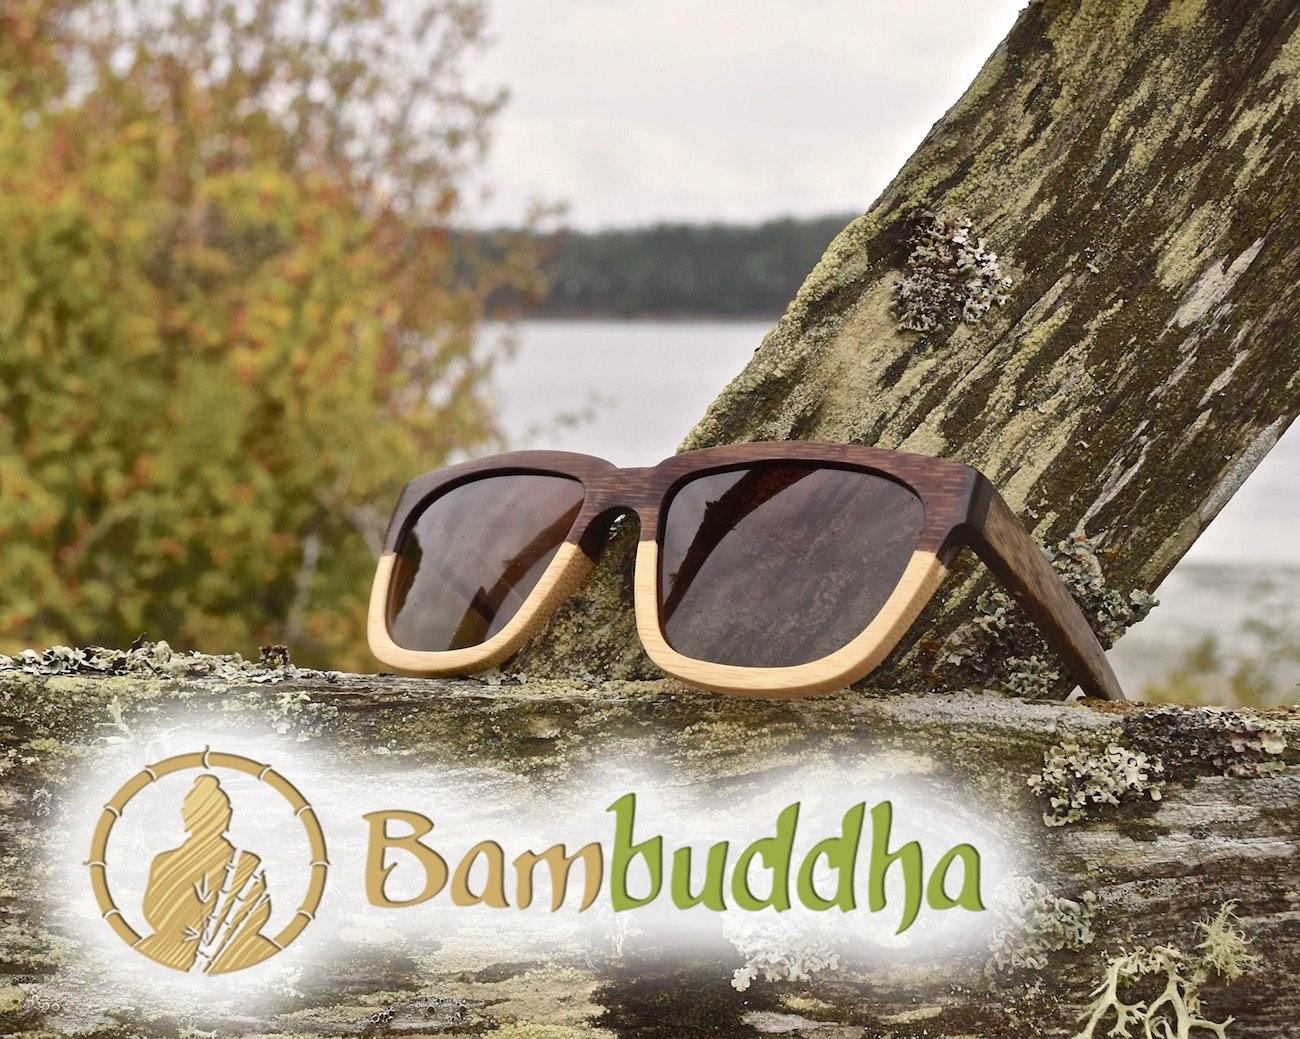 bambuddha-bamboo-sunglasses-new-06